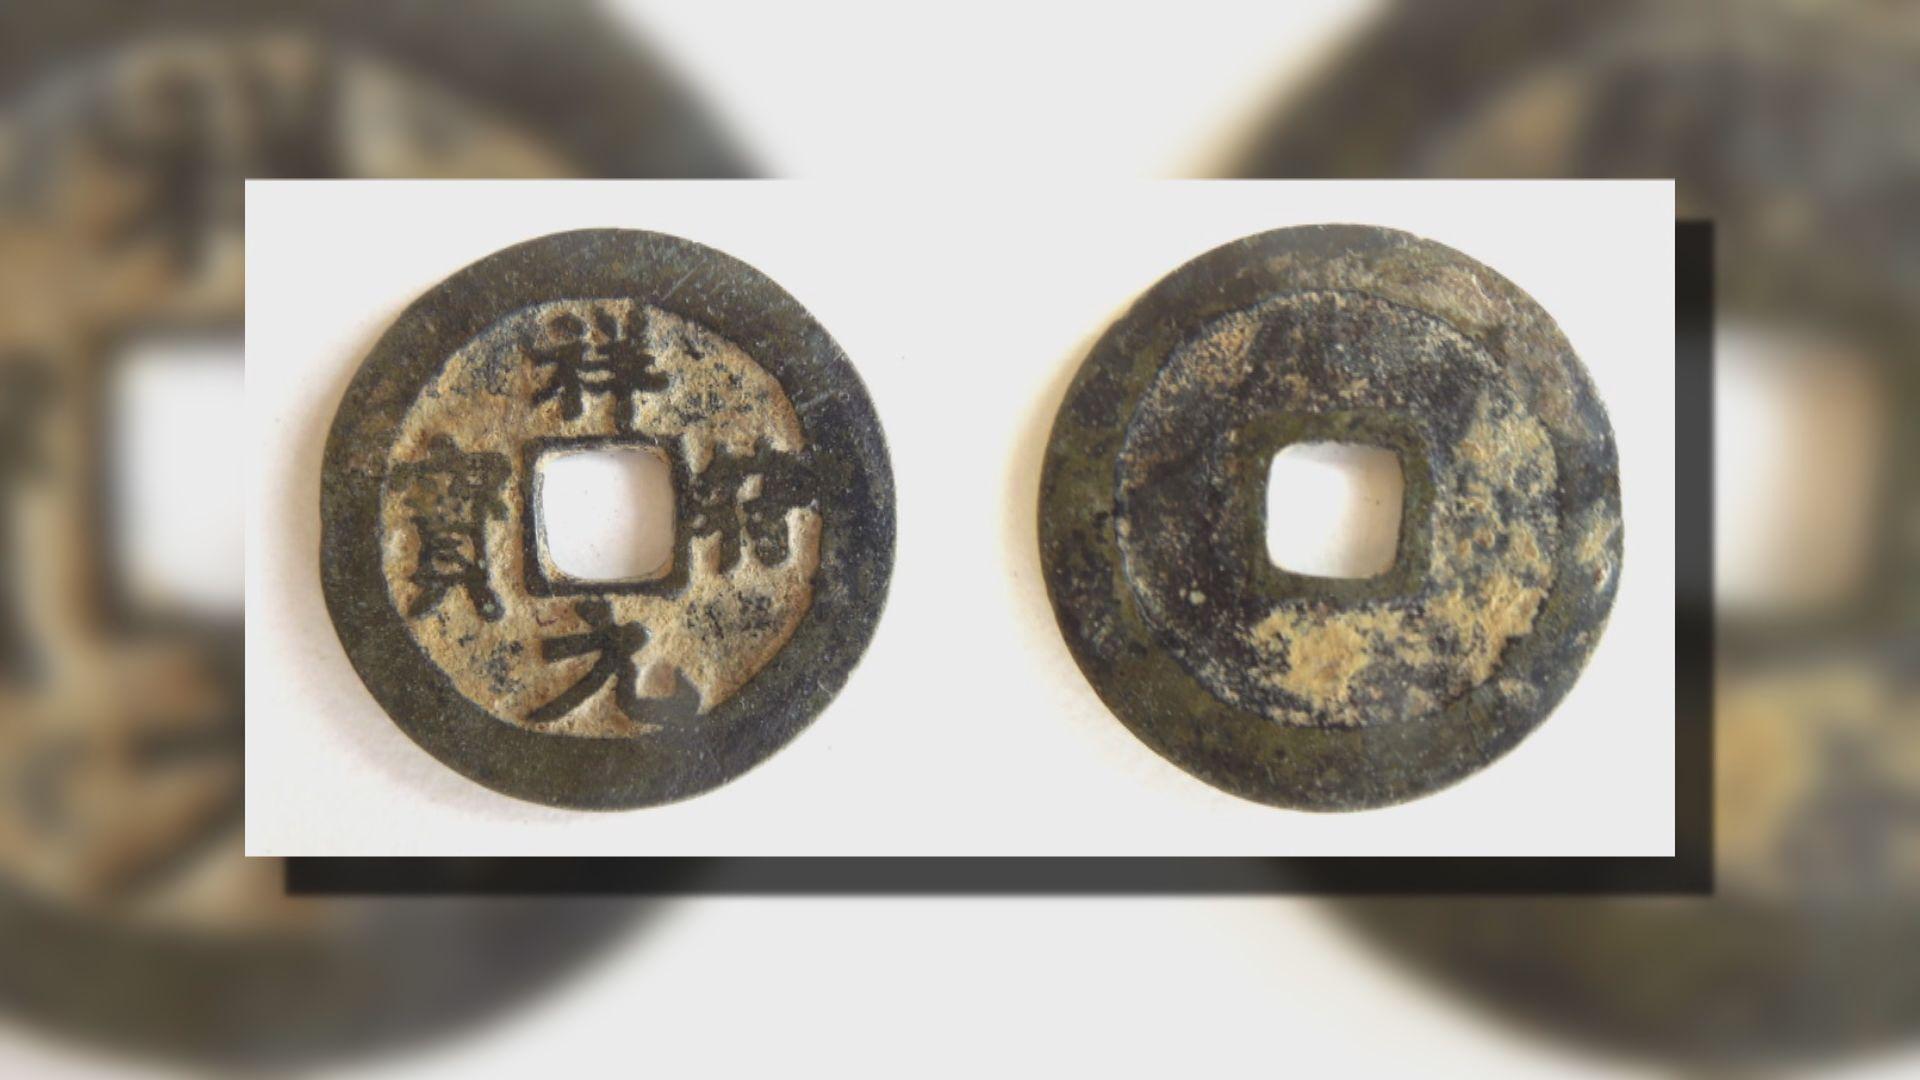 【環球薈報】中國北宋時期古錢在英國出土